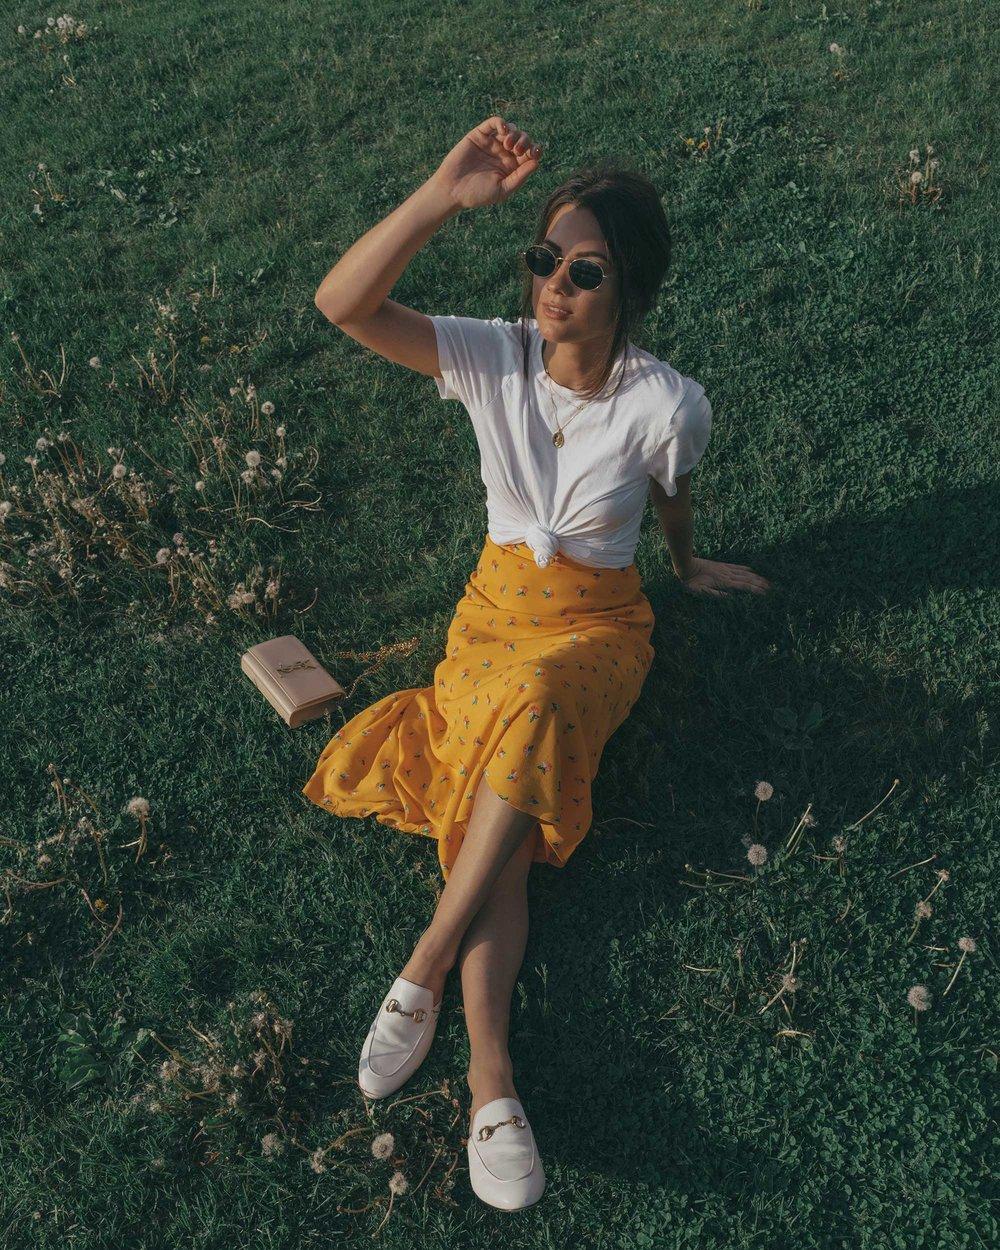 yellow floral midi skirt pepsi cola sign long island city6.jpg